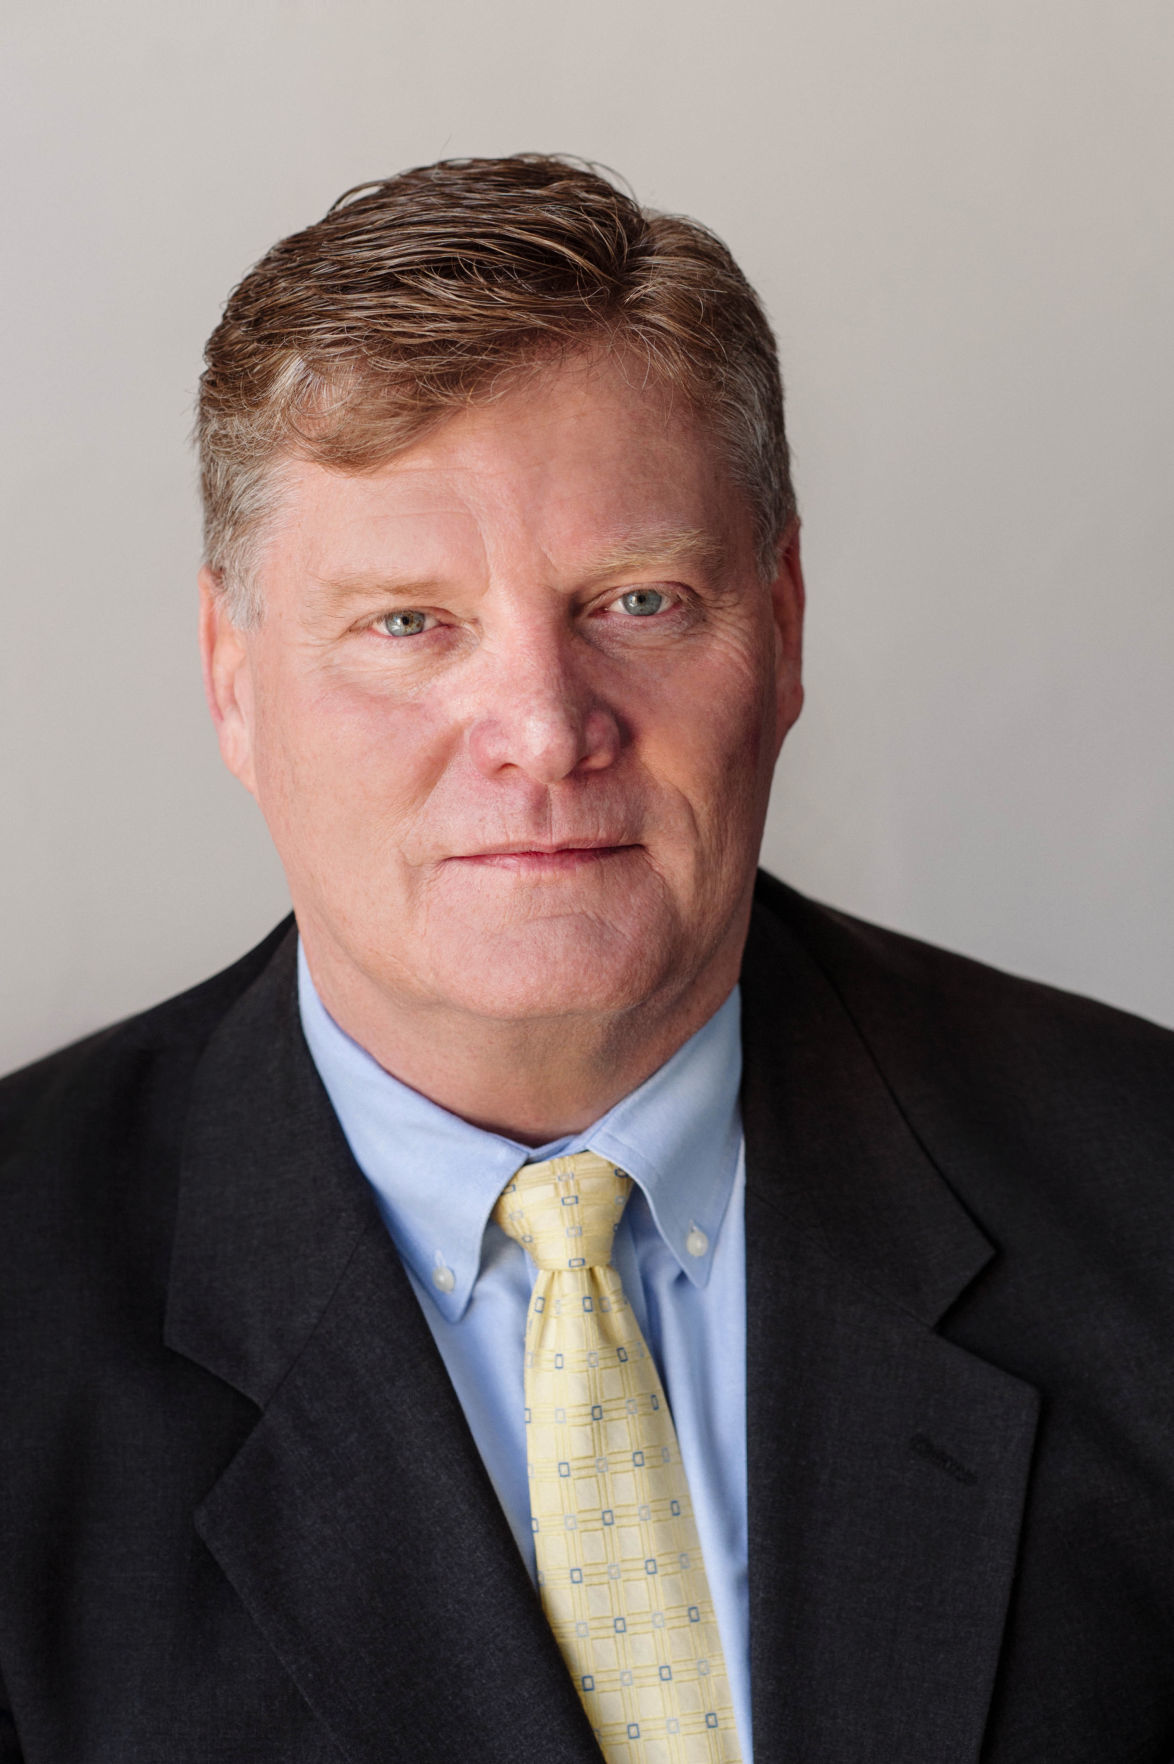 David B. Bohl